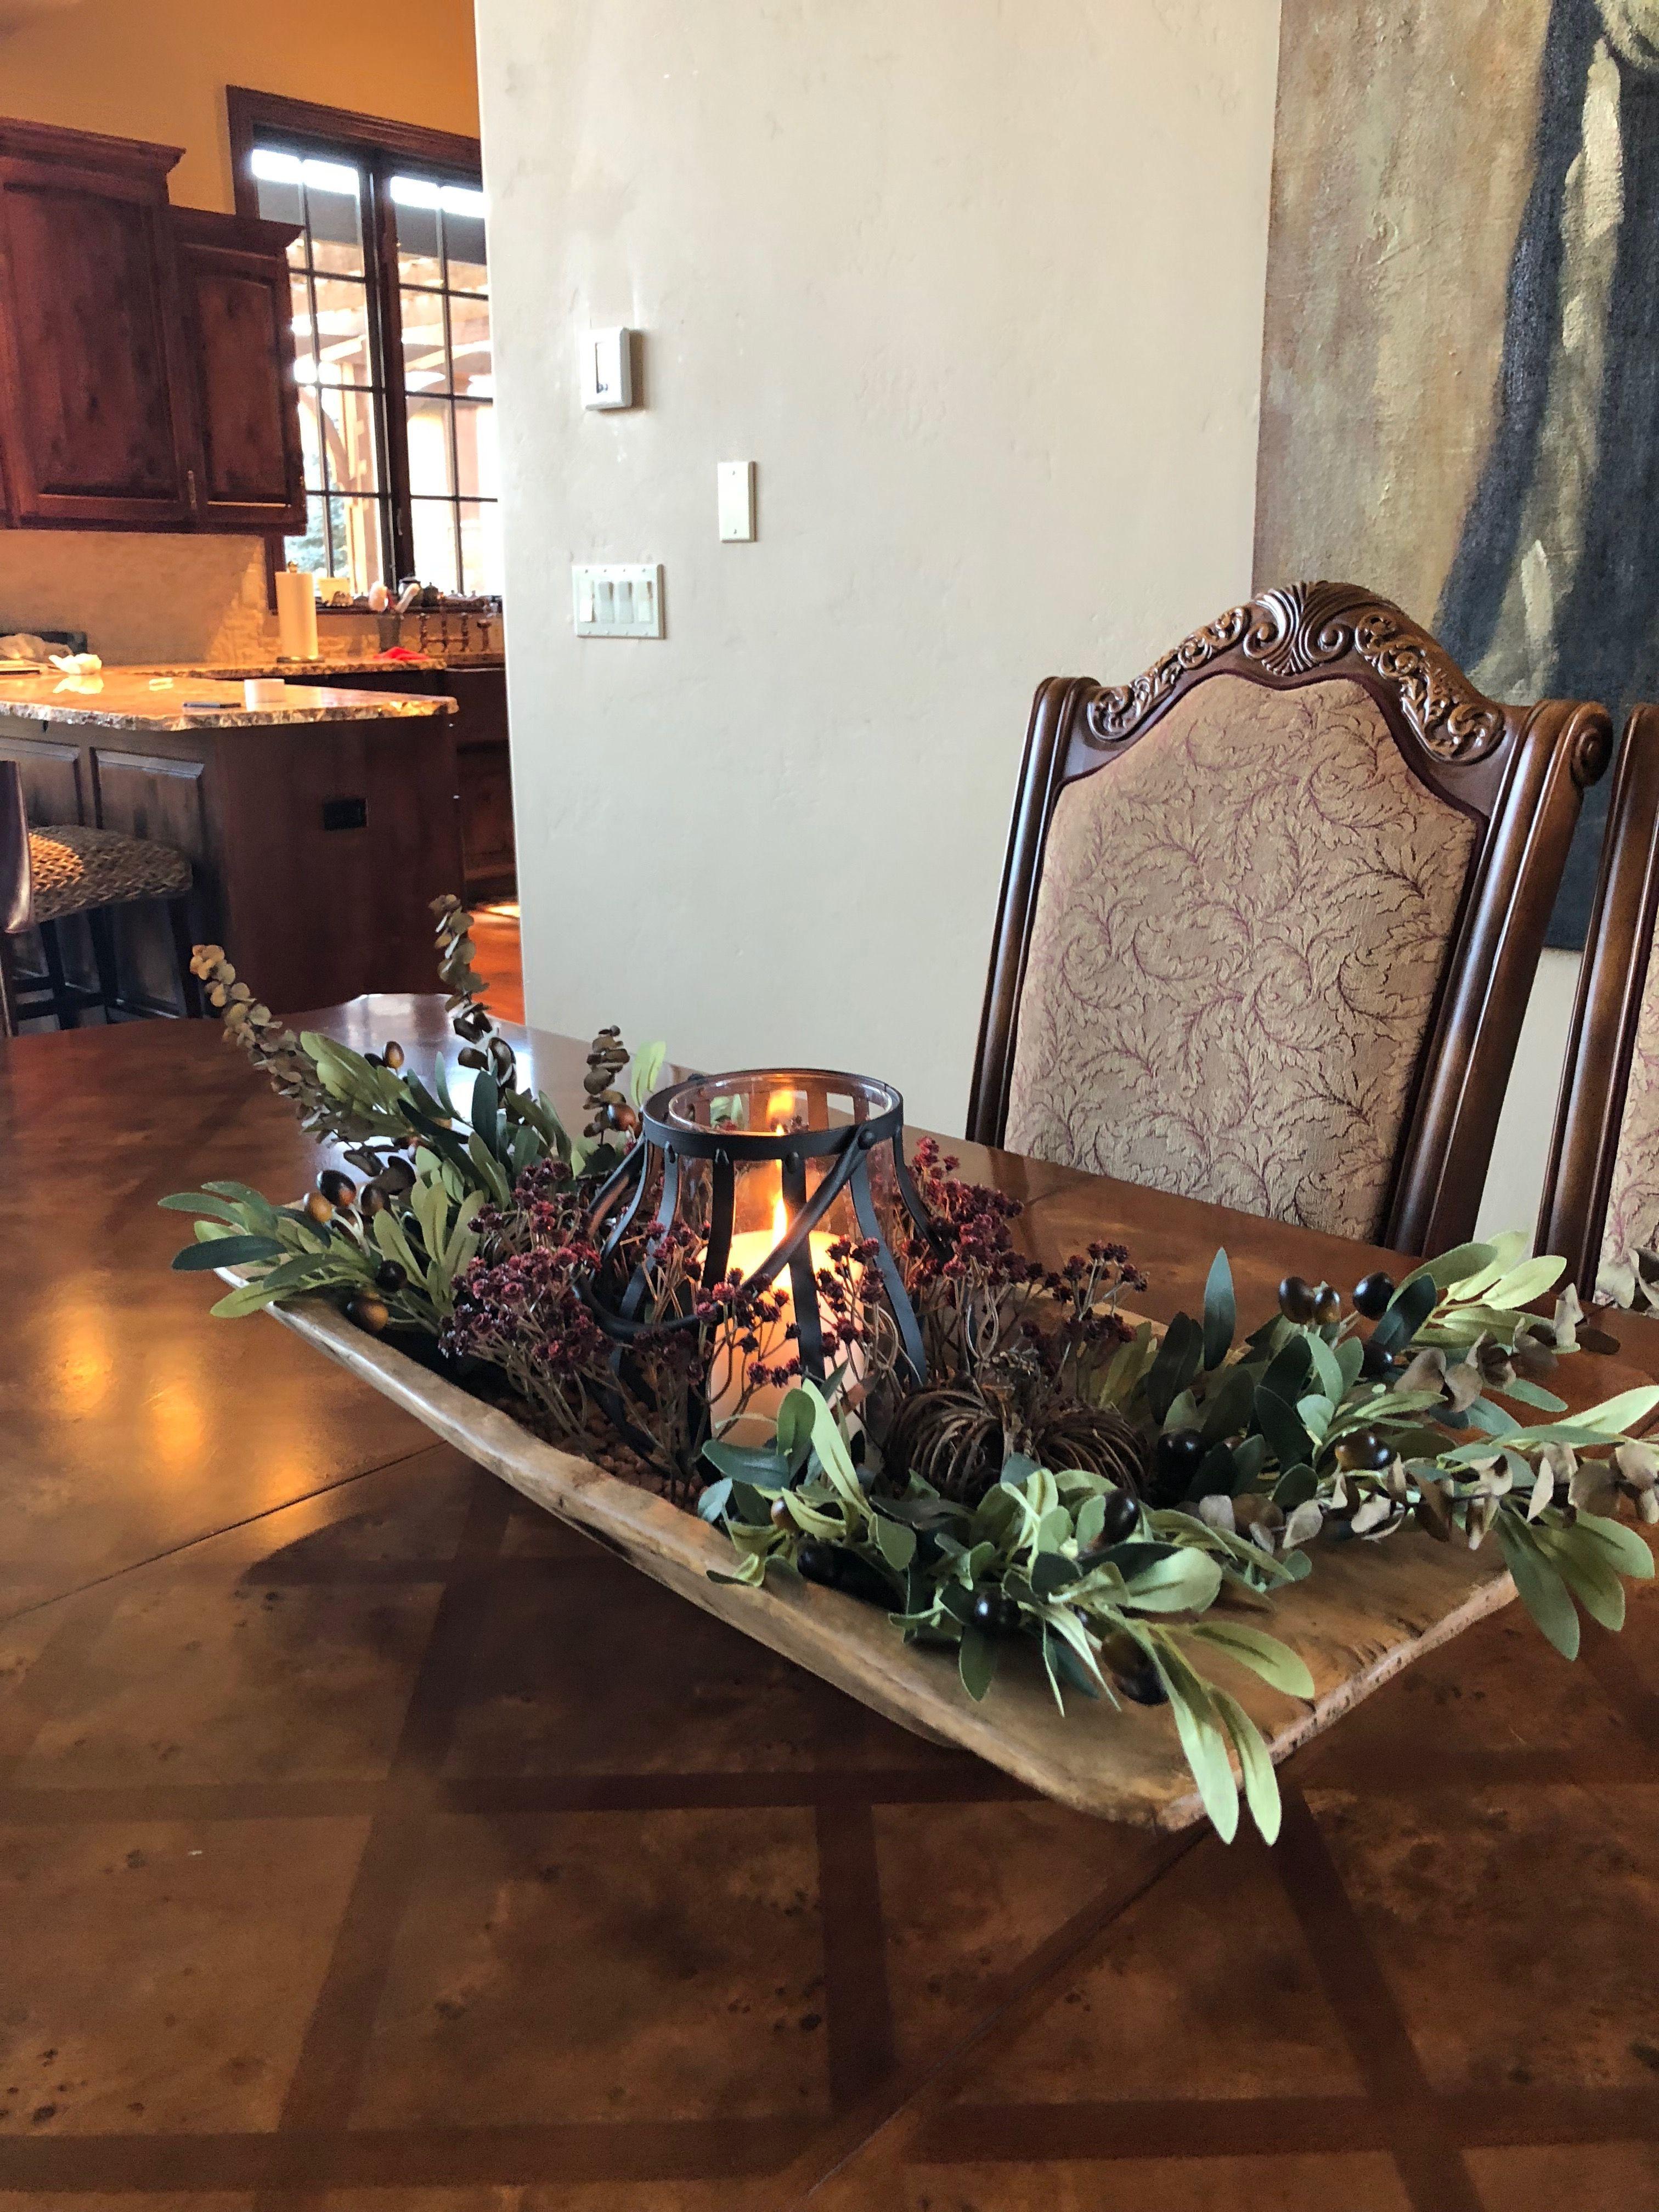 Formal Dining Room Decor Rustic